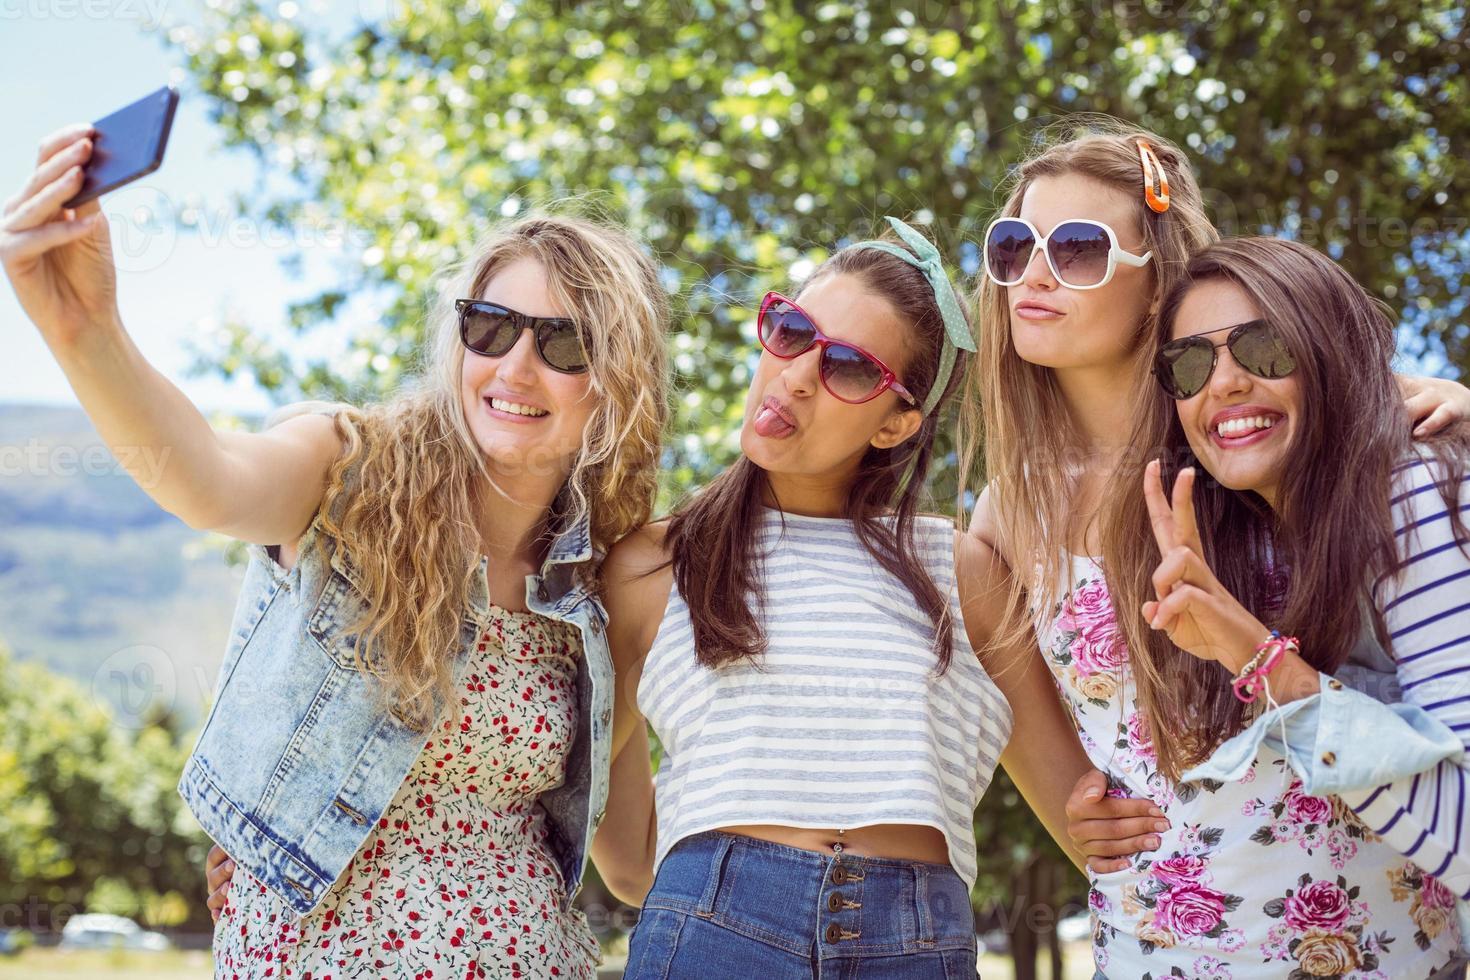 amigos felizes tomando uma selfie foto